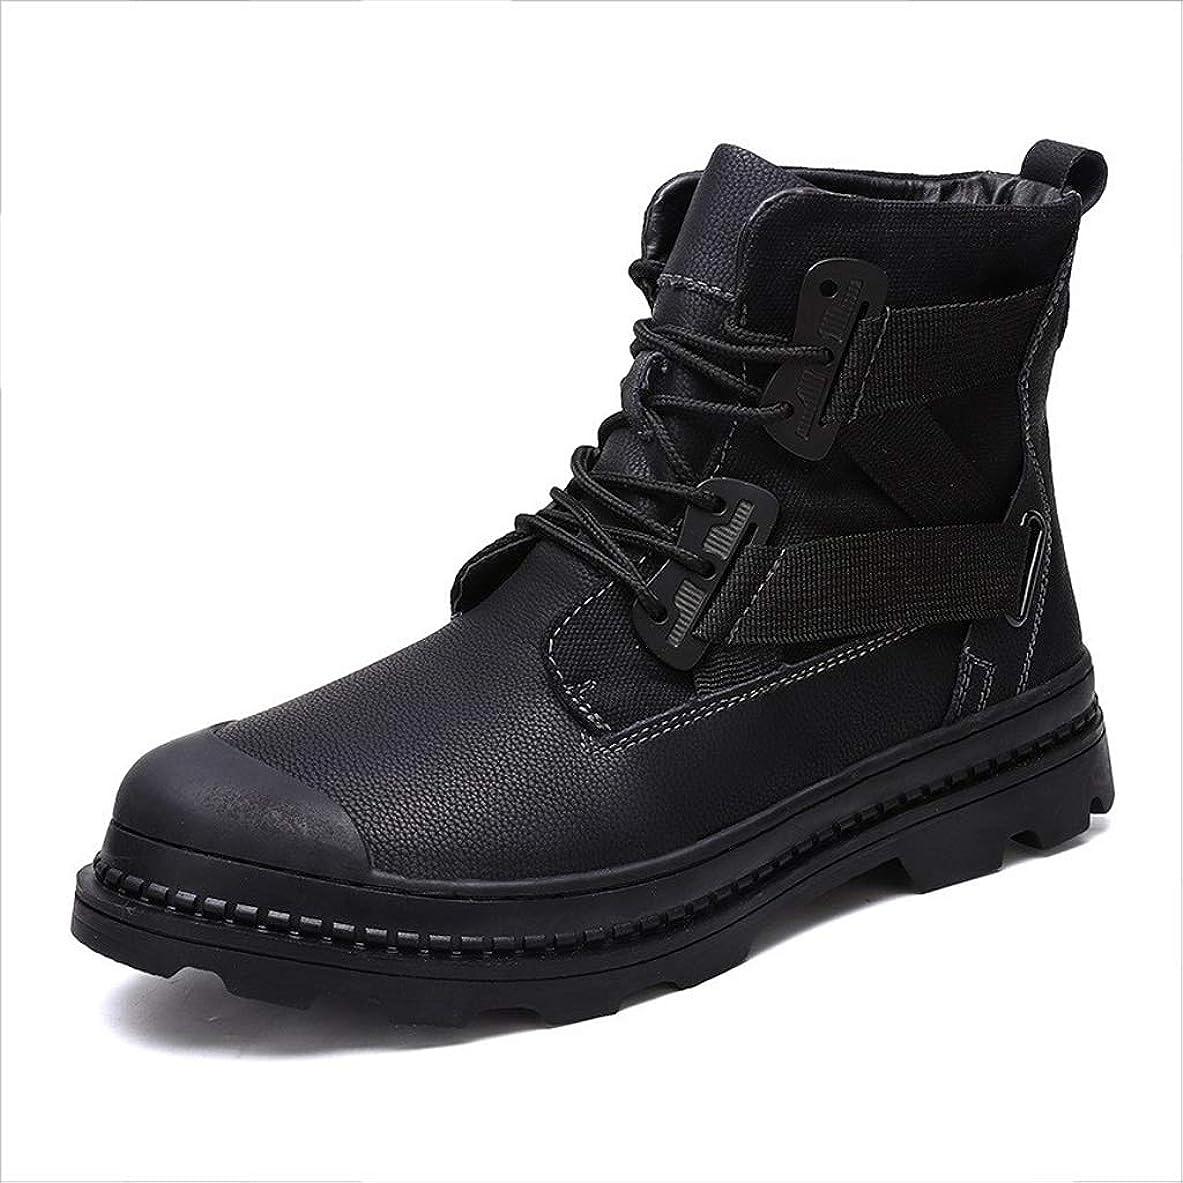 精査セクションフォームワークブーツメンズハイキングブーツはレースアップ人工皮革プラスベルベットラウンドヘッド快適な暖かい屋外の耐摩耗性滑り止めを (色 : 黒, サイズ : 28 CM)